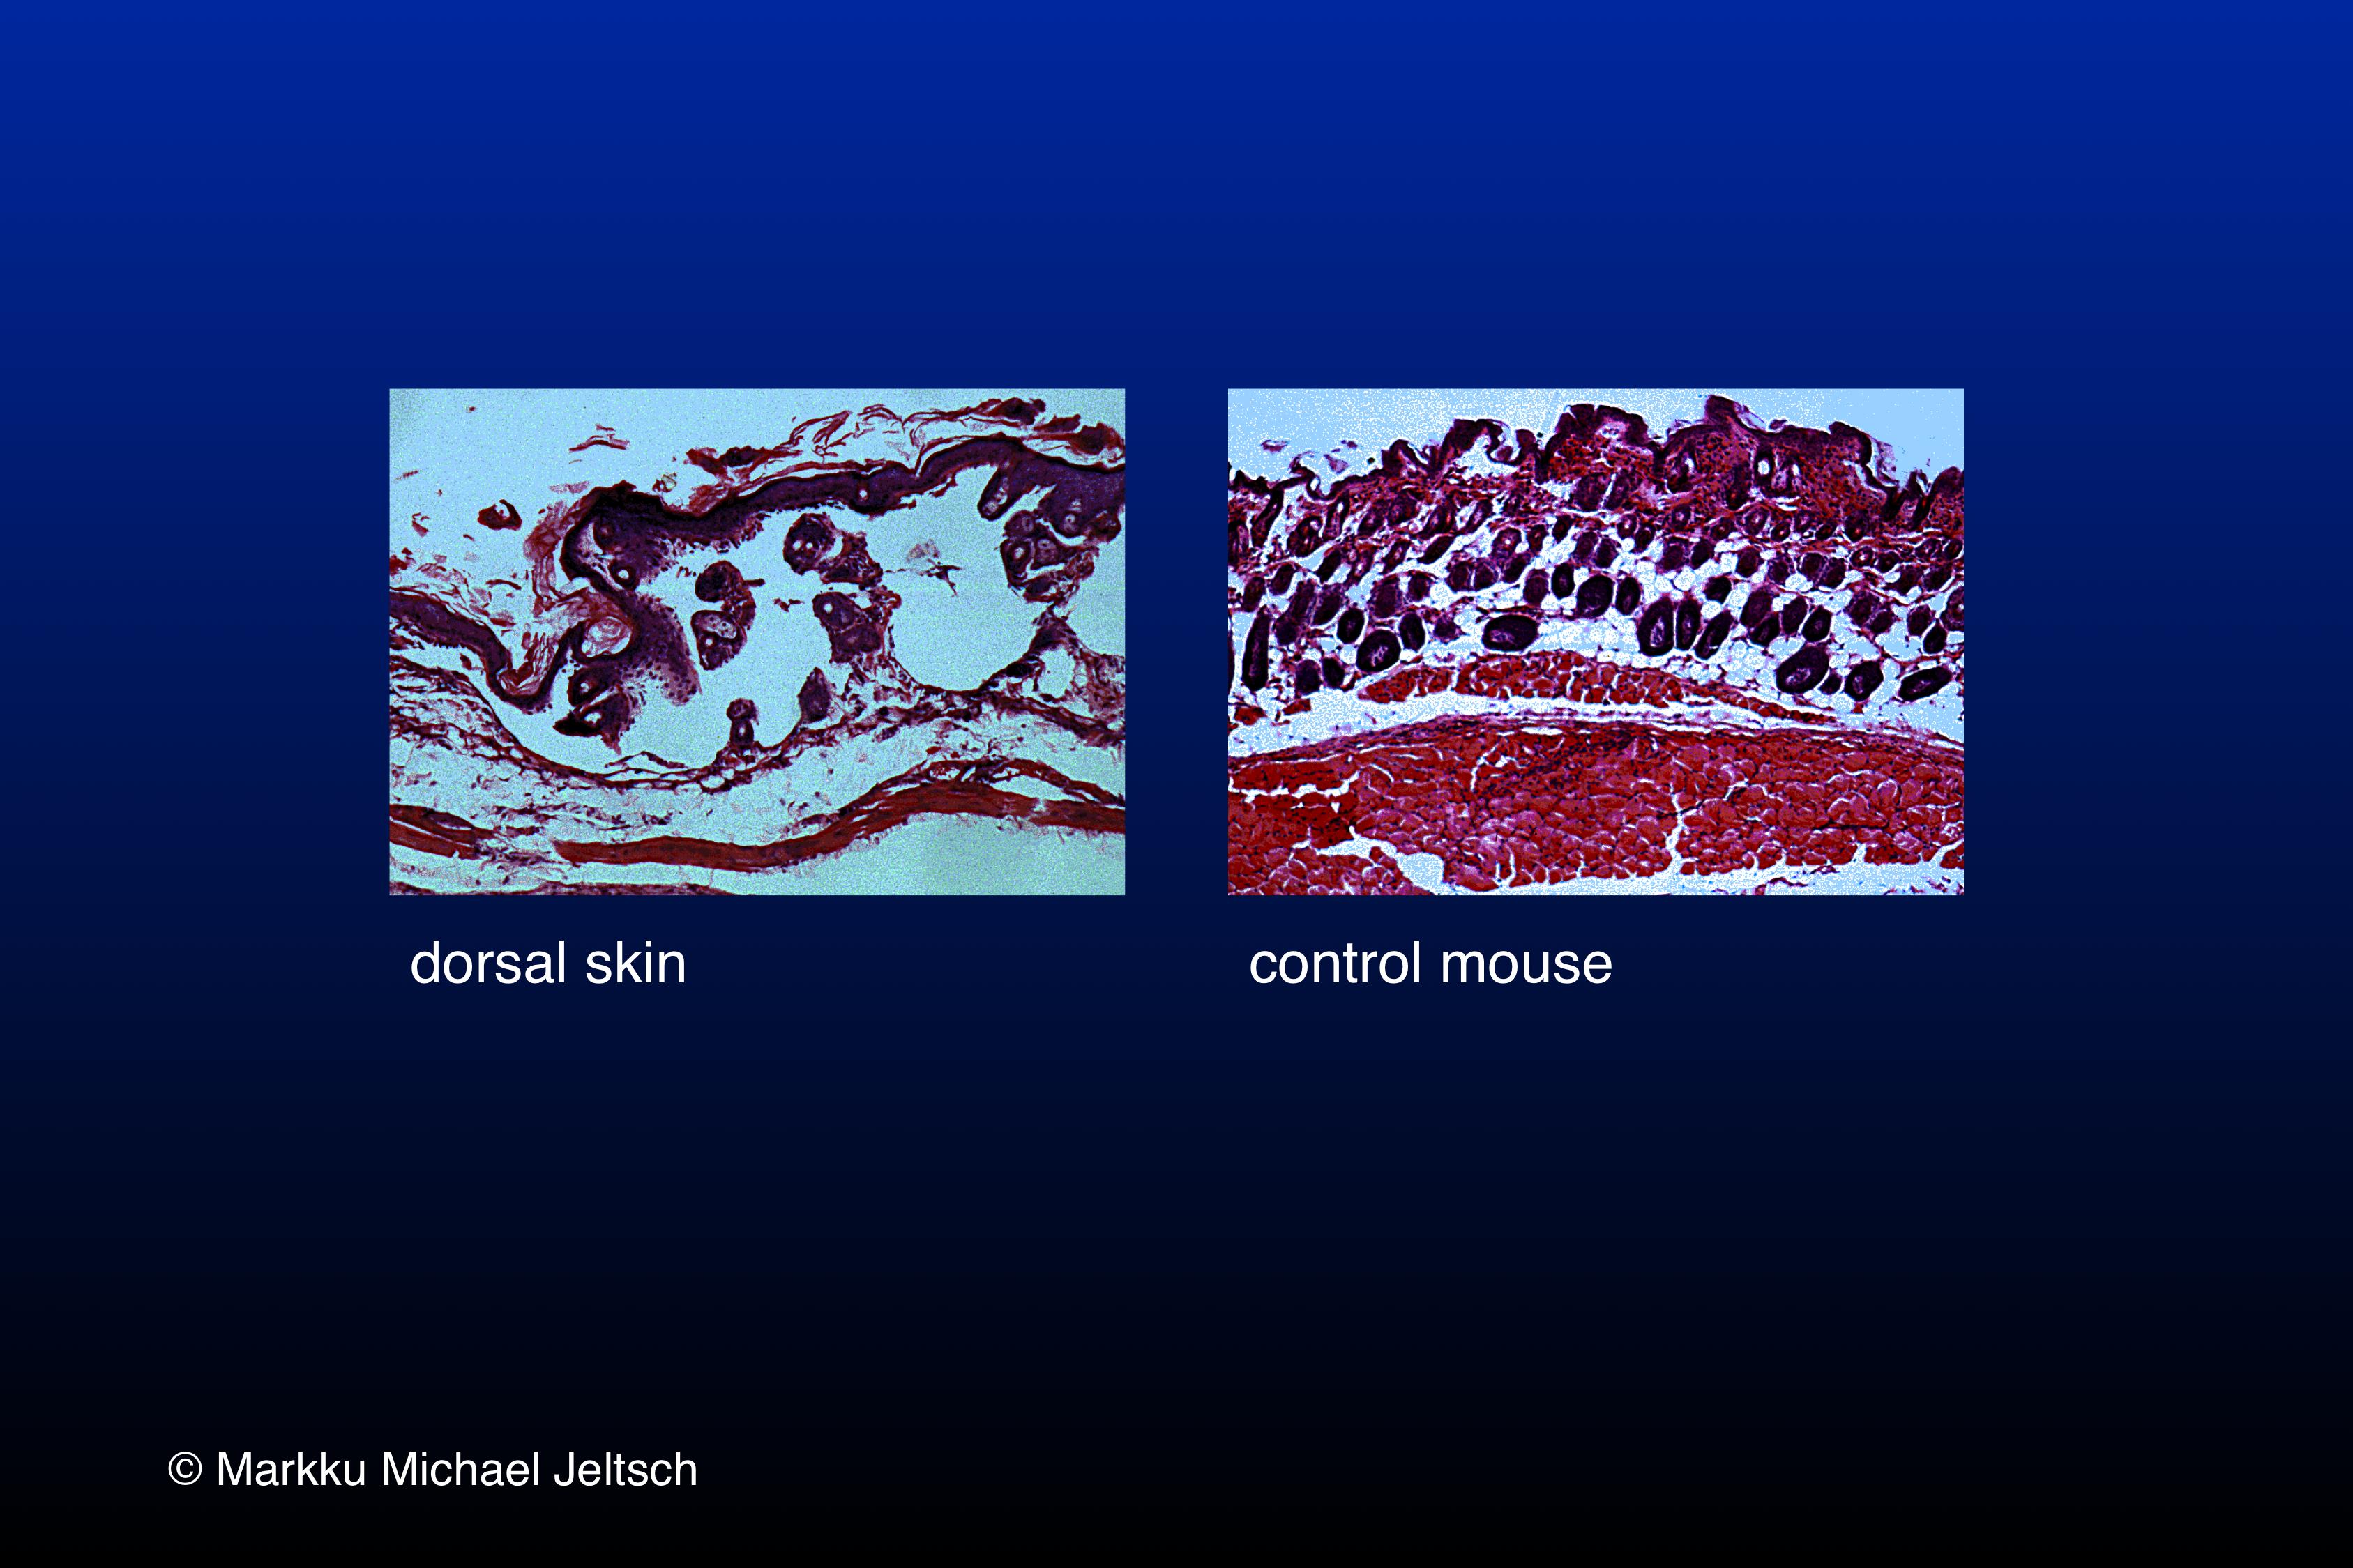 skin H&E staining of K14-VEGF-C transgenic mouse